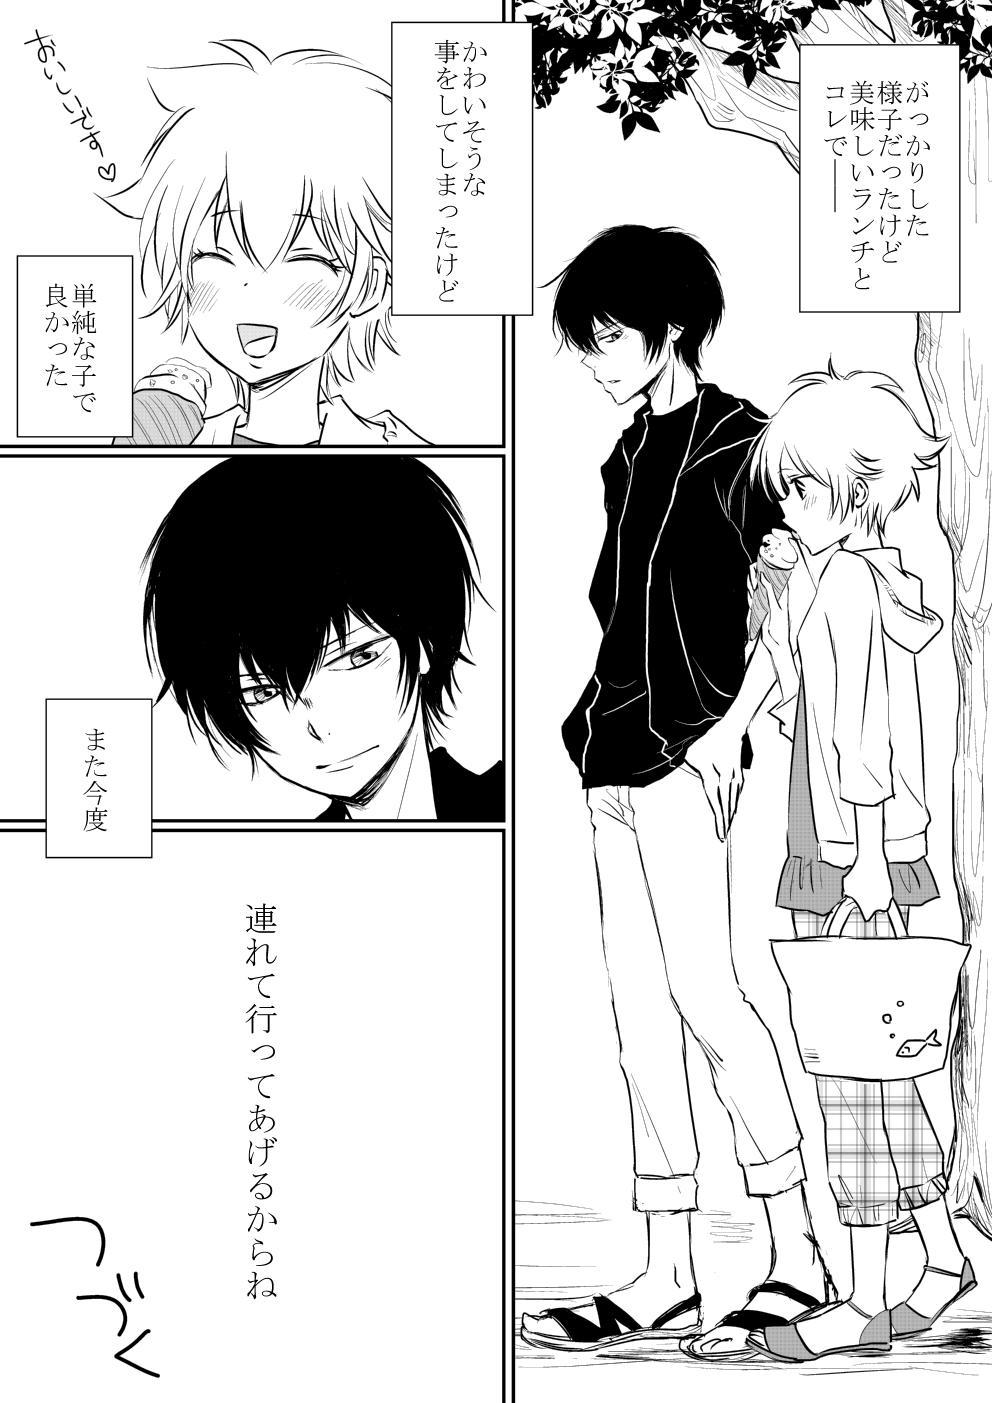 Boku to Anoko no Umi Monogatari 3